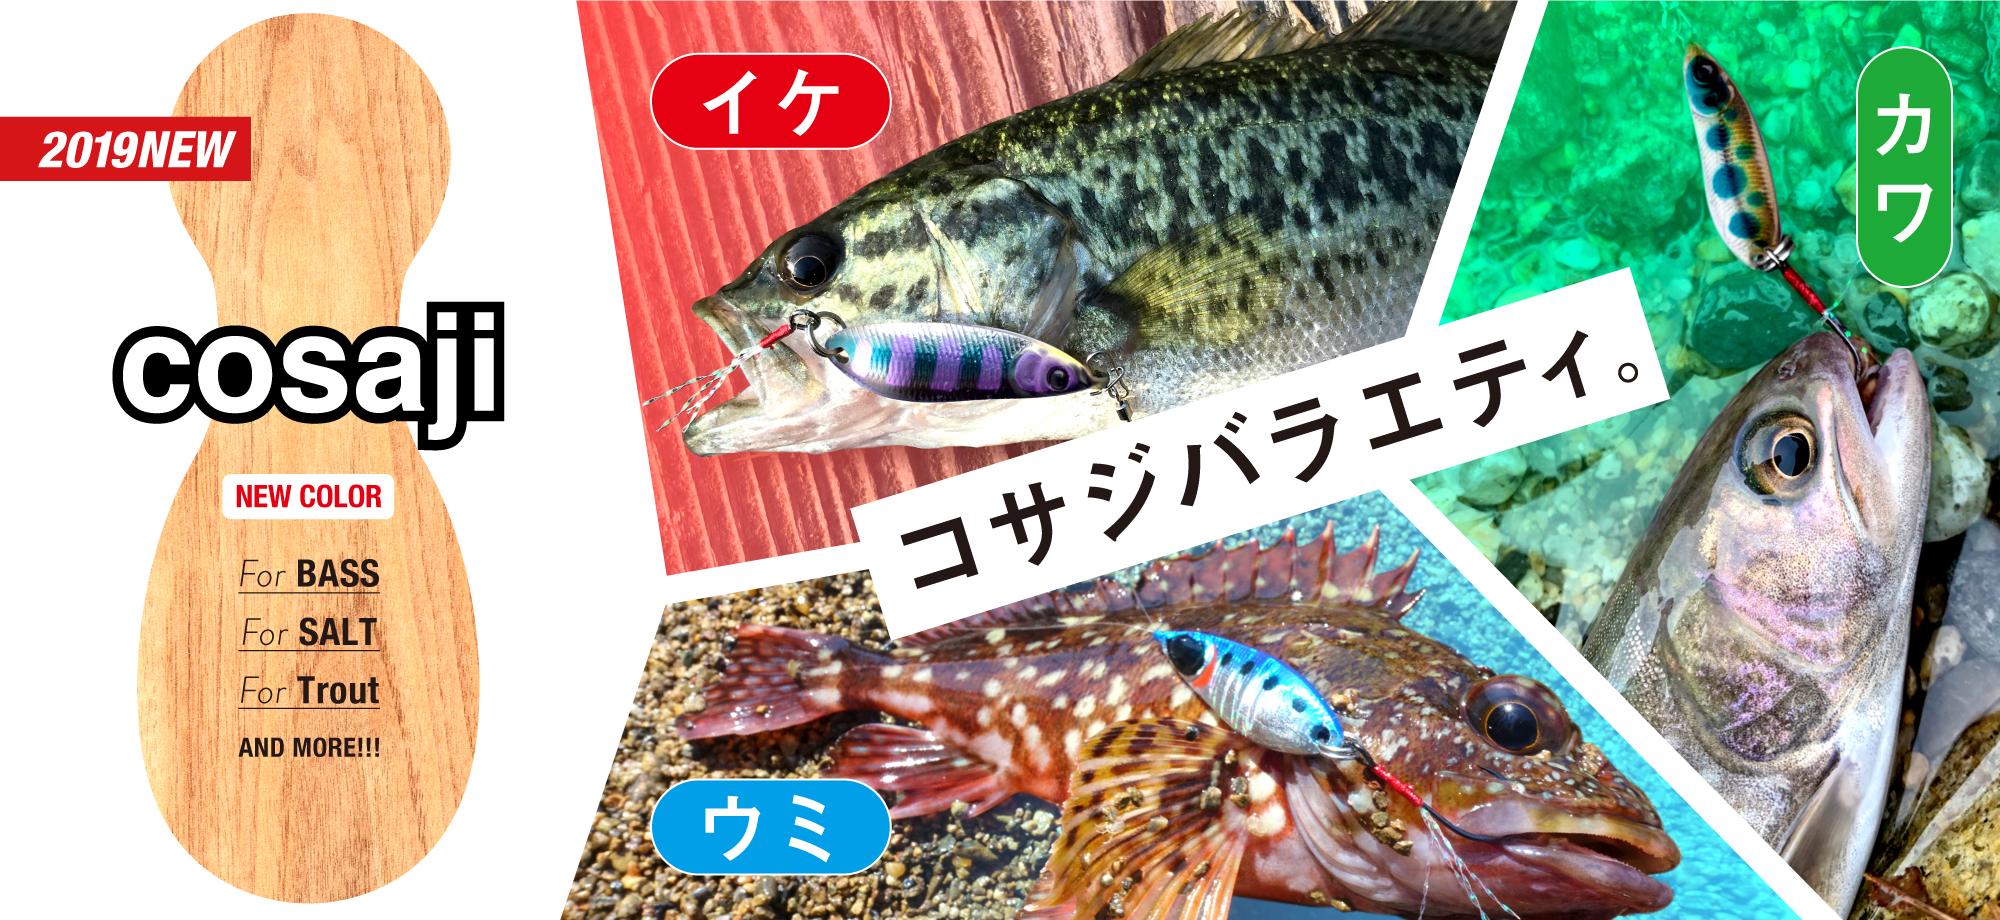 【2019 追加】COSAJI / コサジ